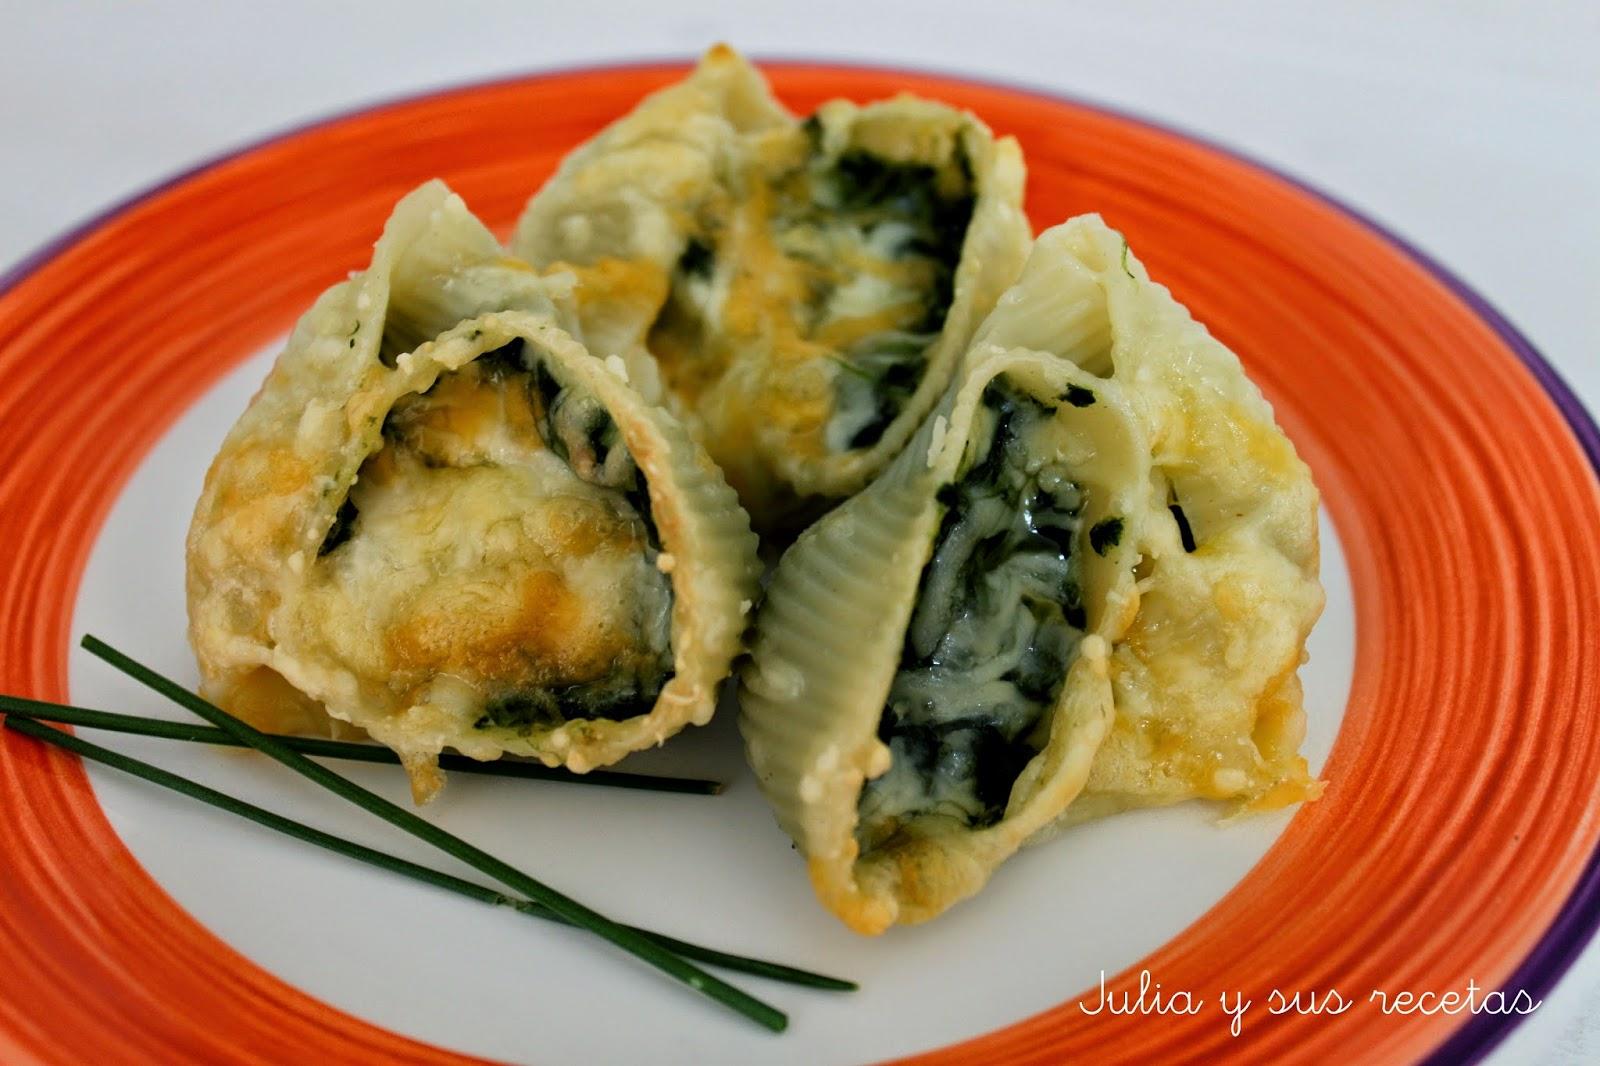 Lumaconi rellenos de espinacas y queso. Julia y sus recetas